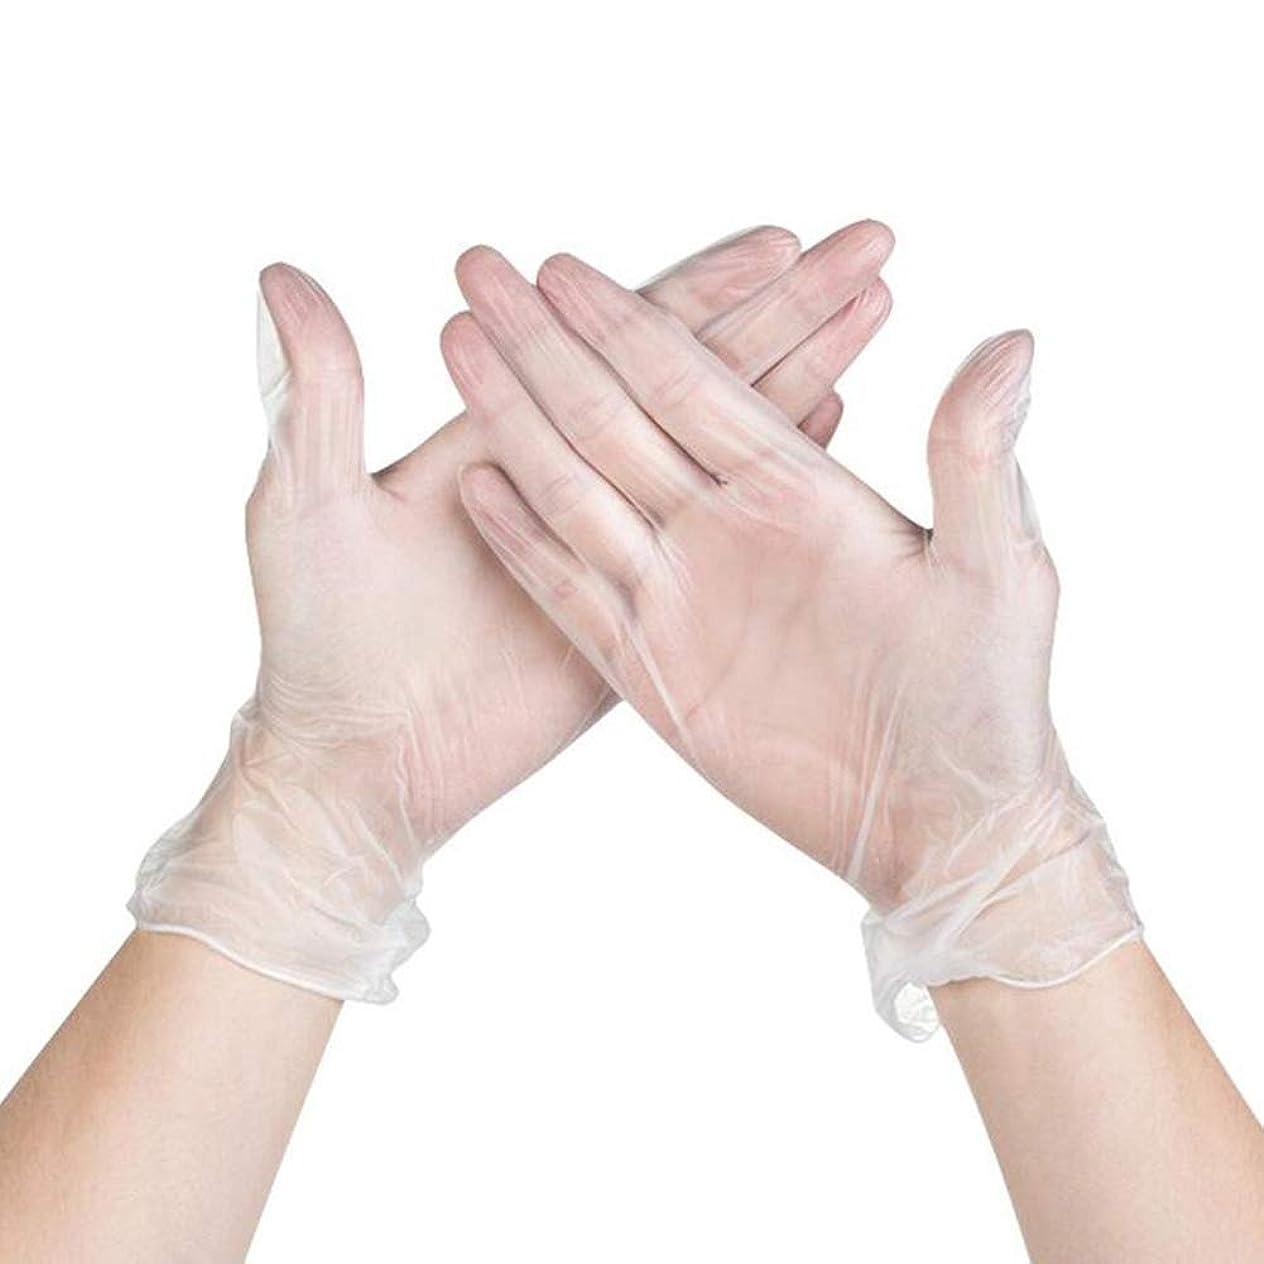 良心周辺発火するRaiFu 使い捨て手袋 パウダーフリー 防水 オイル耐性 透明 PVC手袋 100個 透明 XL